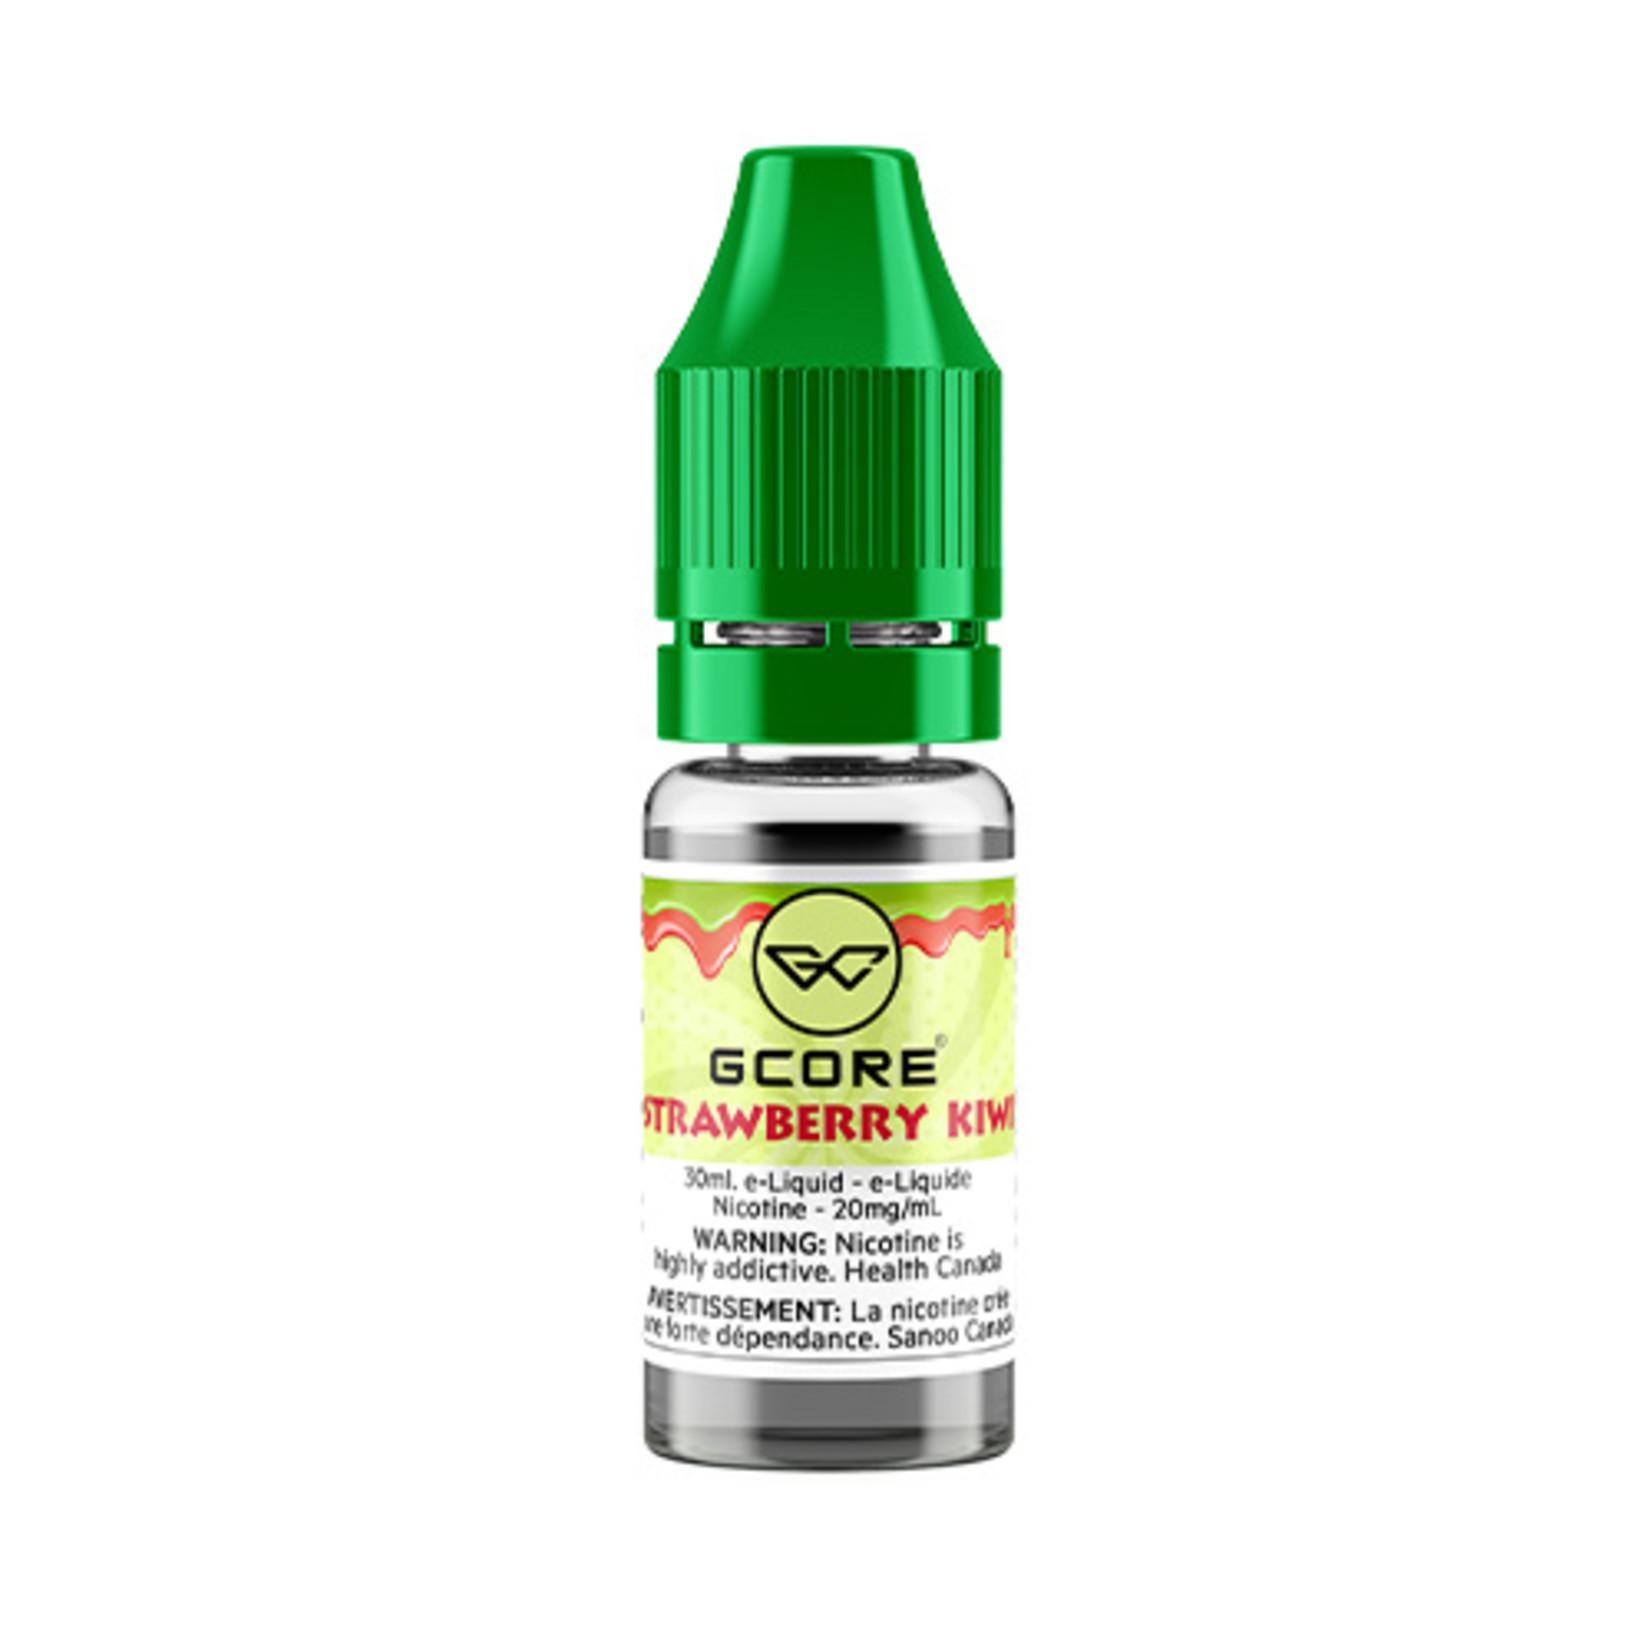 Gcore Vape Strawberry Kiwi Juice